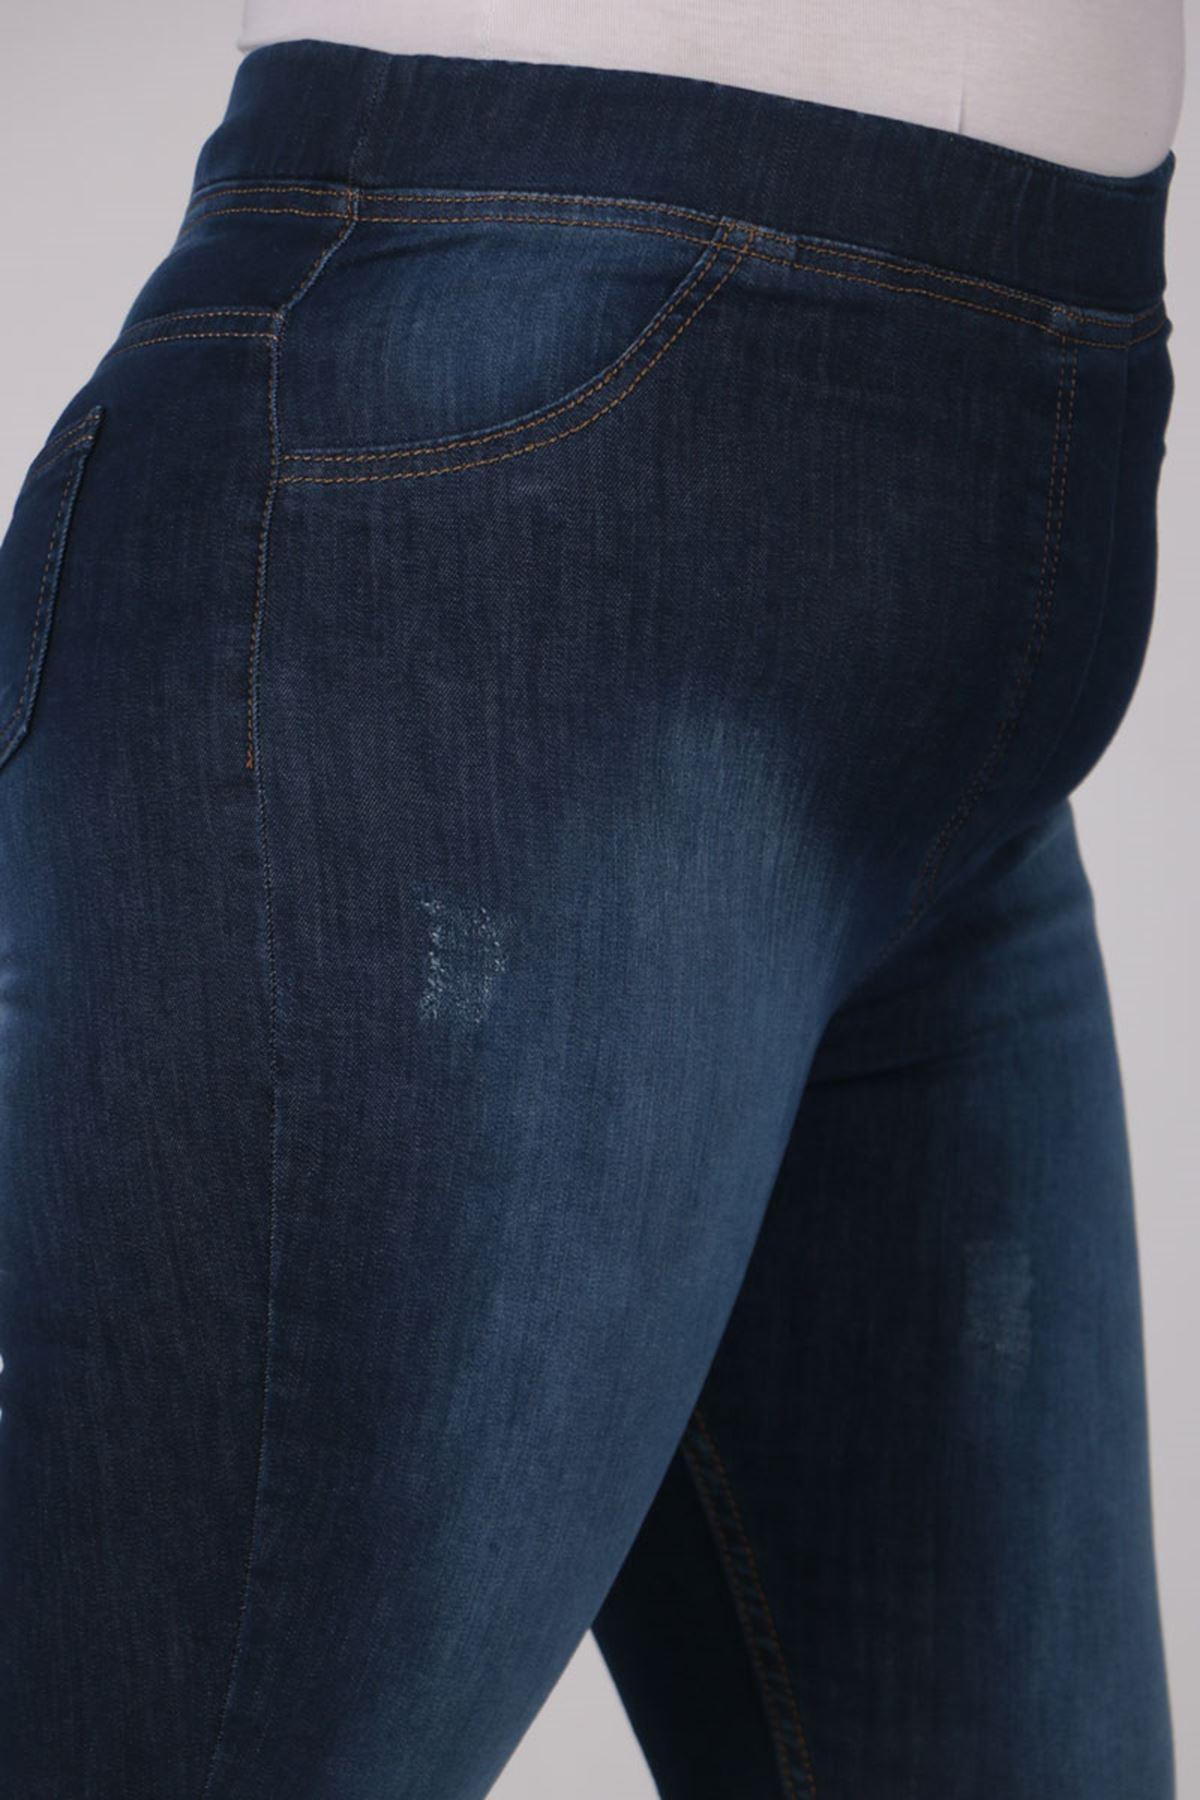 9109-12 Büyük Beden Beli Lastikli Dar Paça Kot Pantalon- Koyu Lacivert